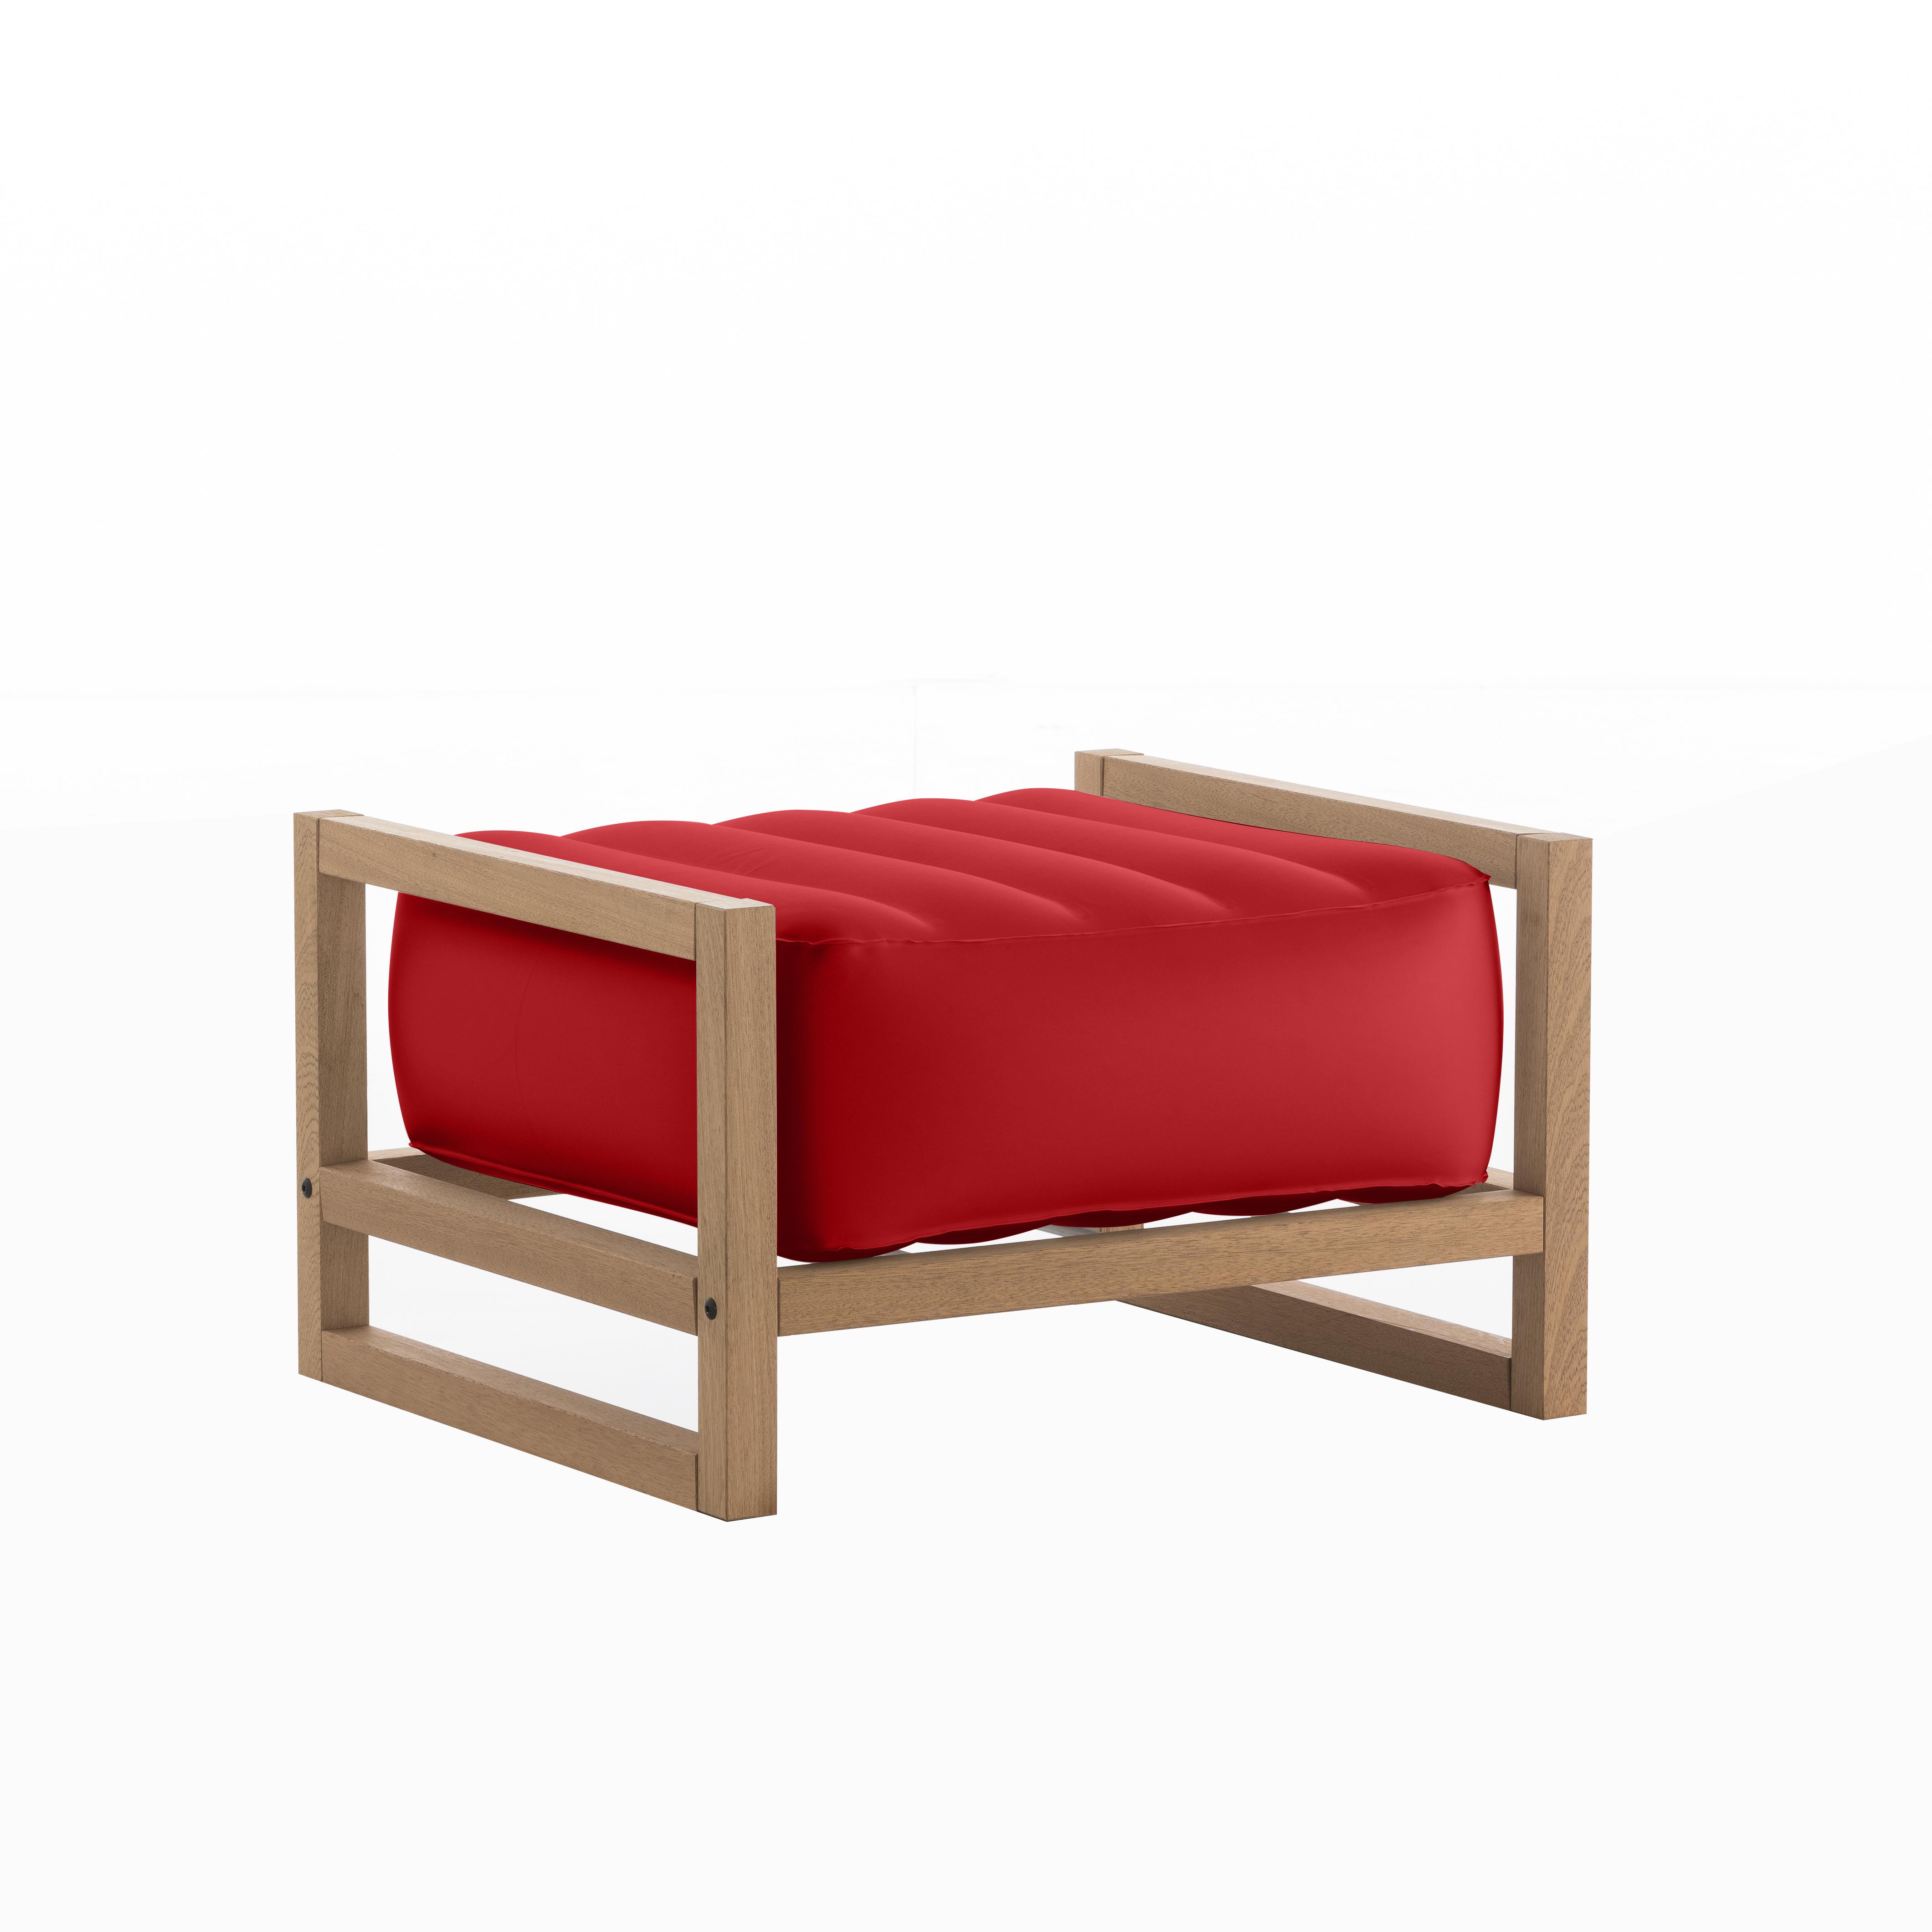 Pouf pvc rouge cadre en bois